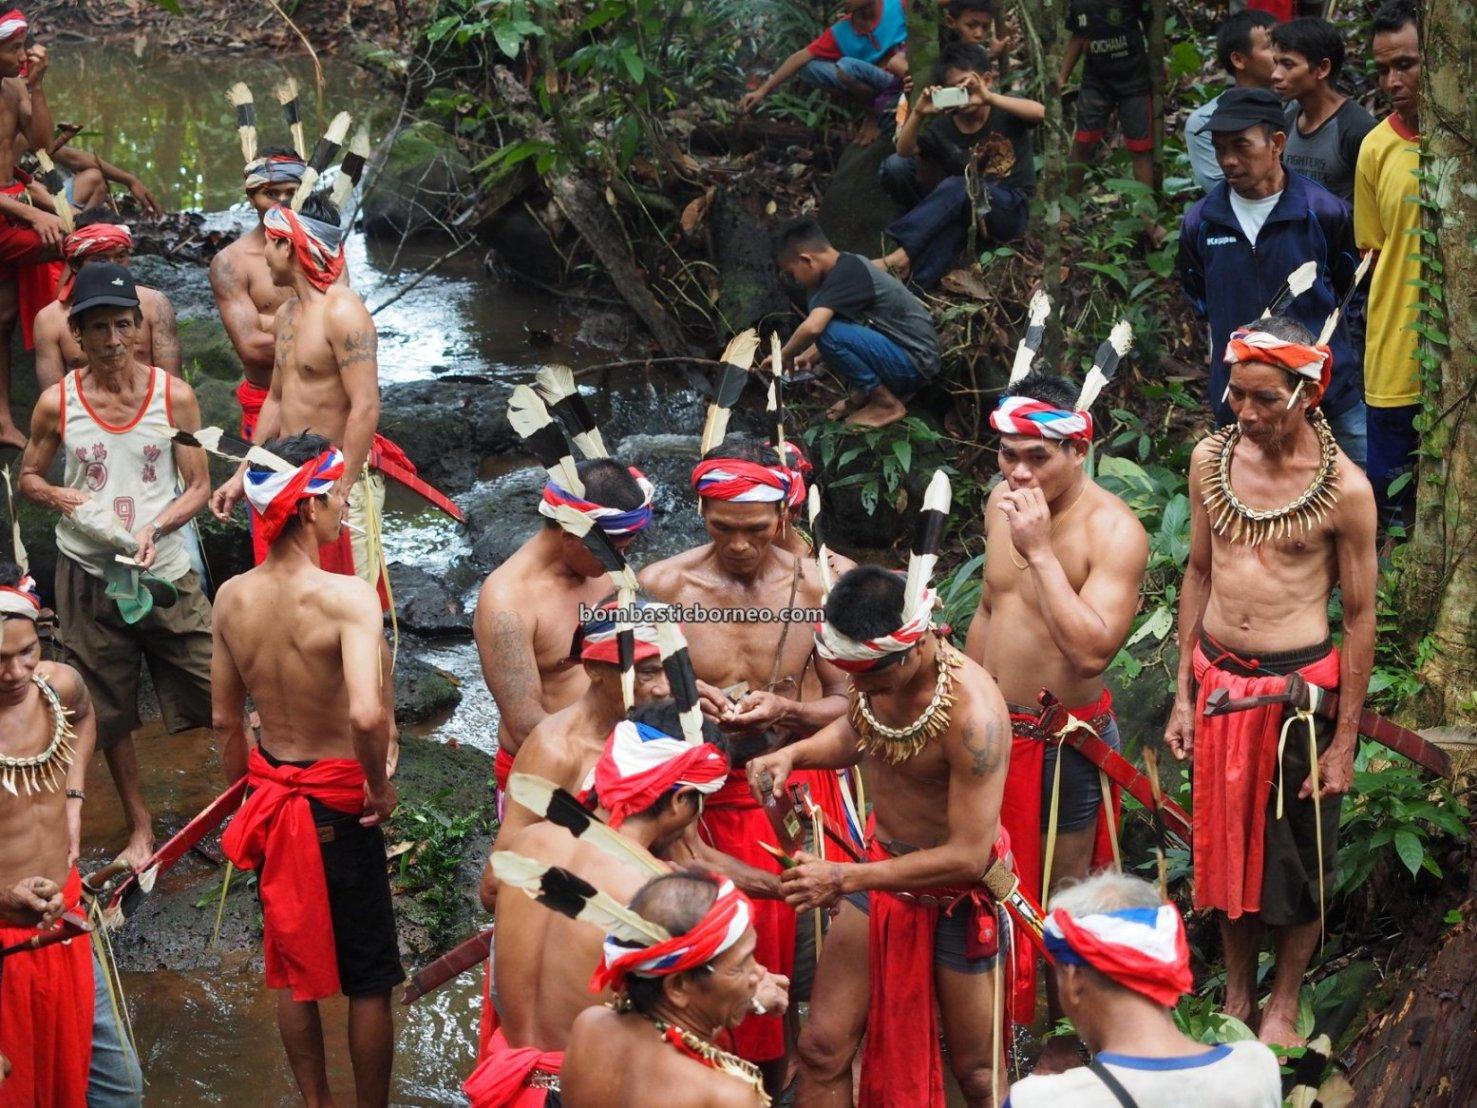 Skull washing, Nyobeng Rambai, thanksgiving, traditional, ritual, budaya, Indonesia, Kalimantan Barat, Bengkayang, native, tribe, Tourism, obyek wisata, trans border, Borneo, travel guide